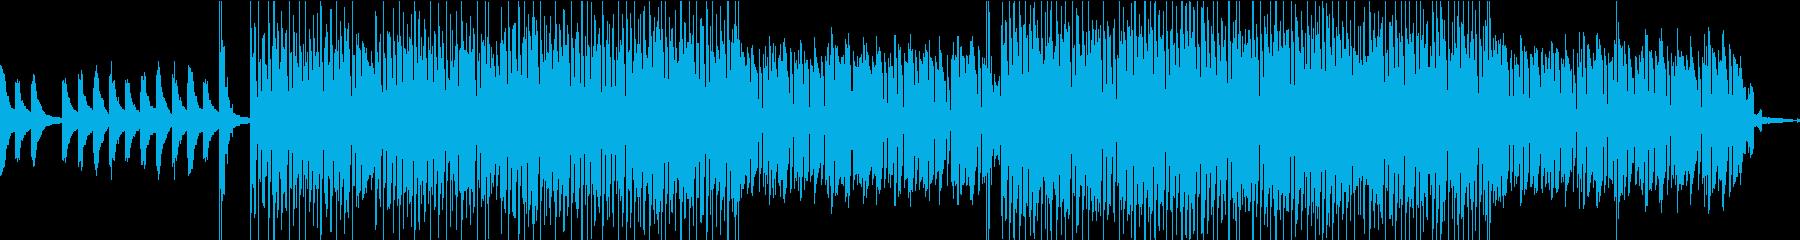 ジャジーでブルージーなLoFiビートの再生済みの波形